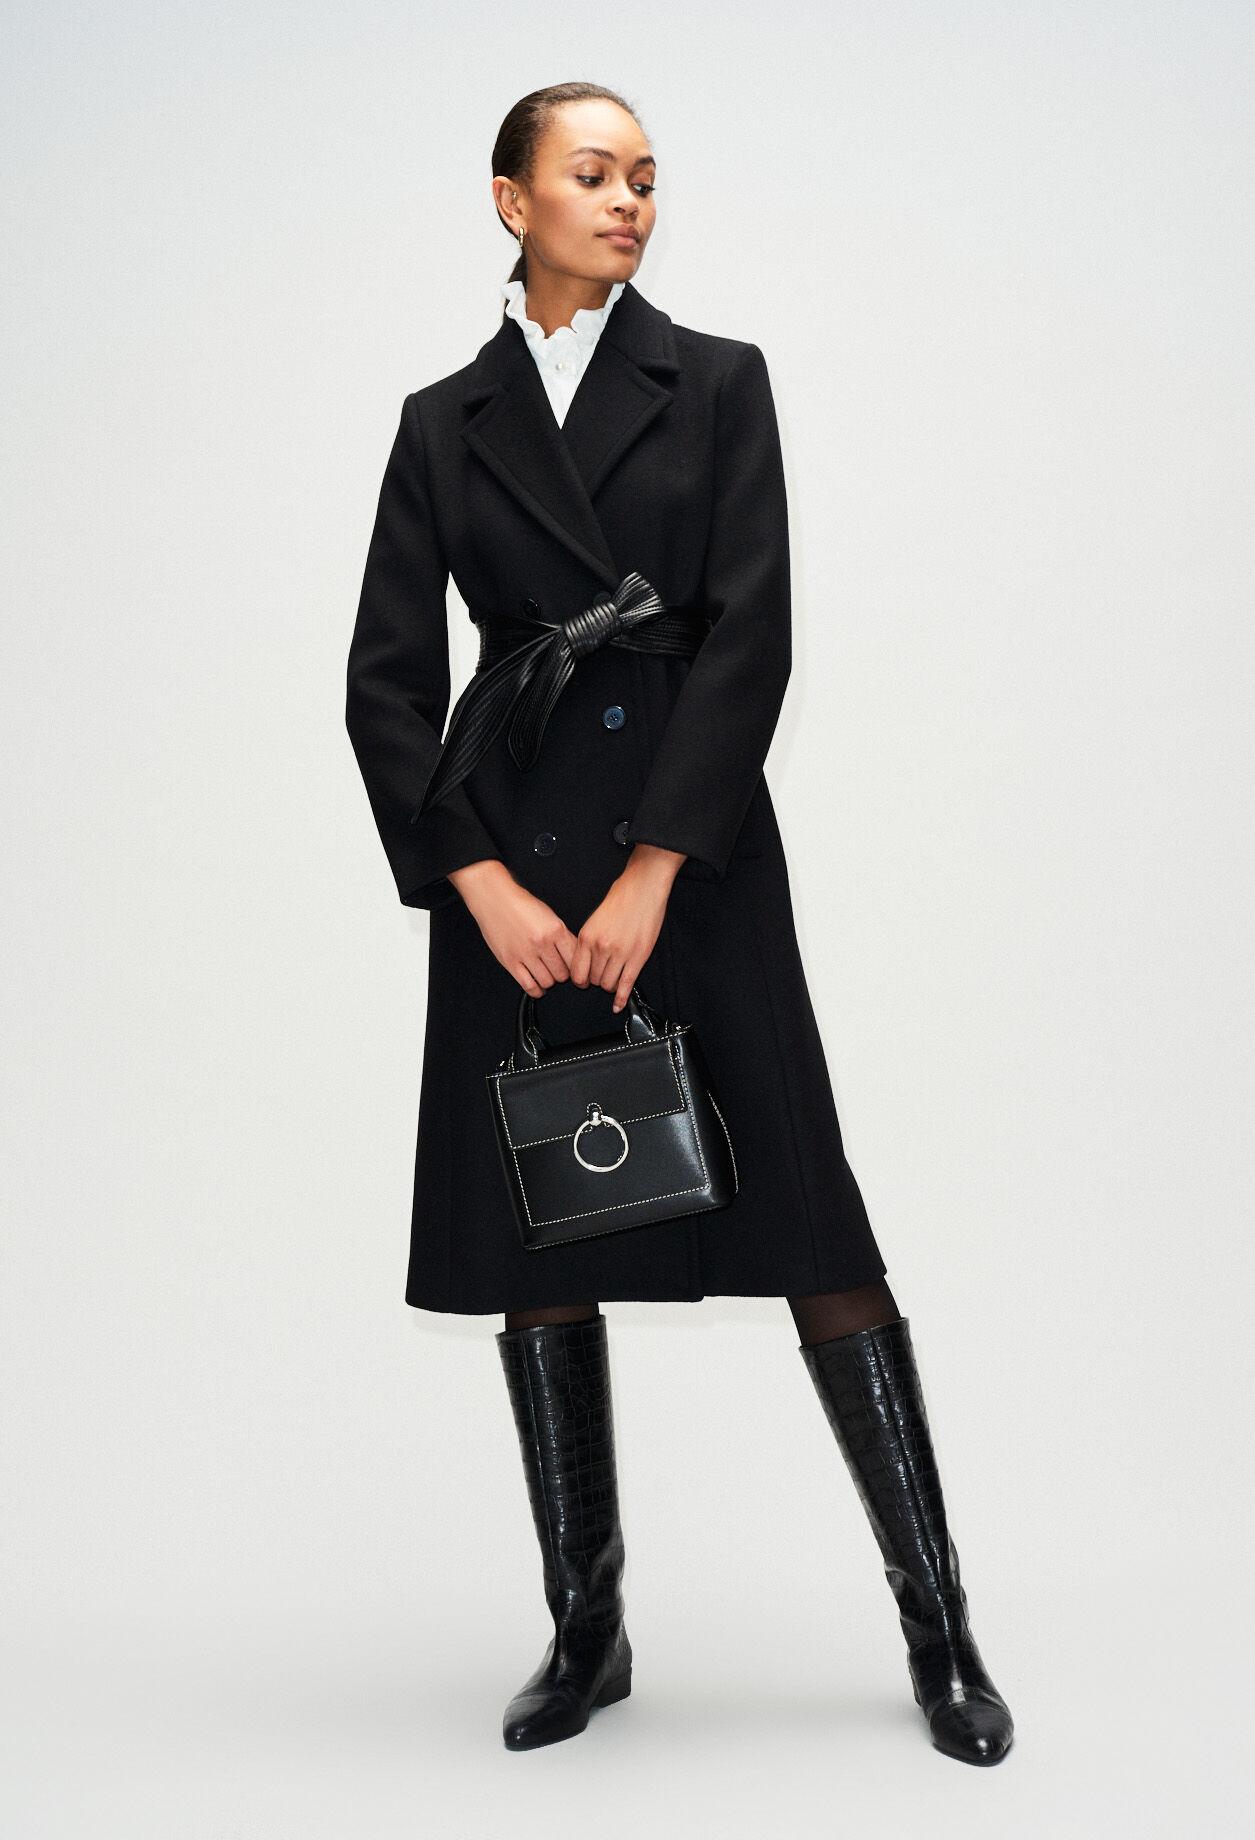 Manteau cintré ceinture en cuir